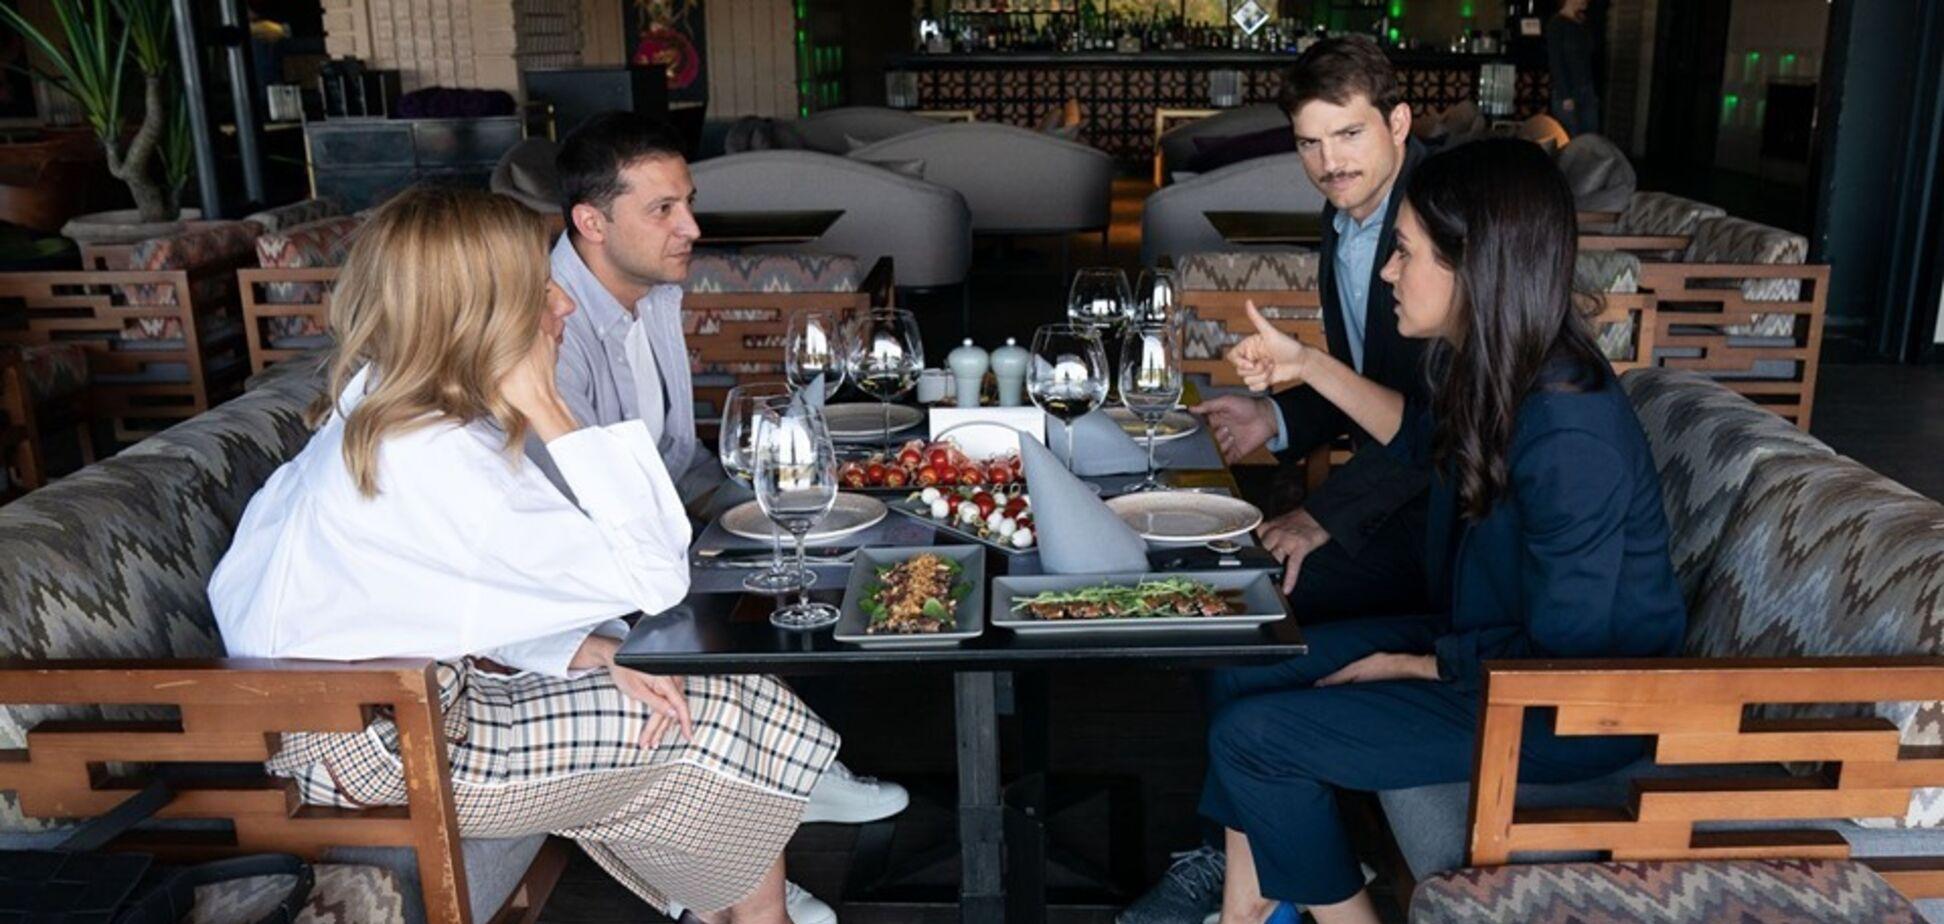 Володимир і Олена Зеленська на зустрічі з Мілою Куніс і Ештоном Катчером